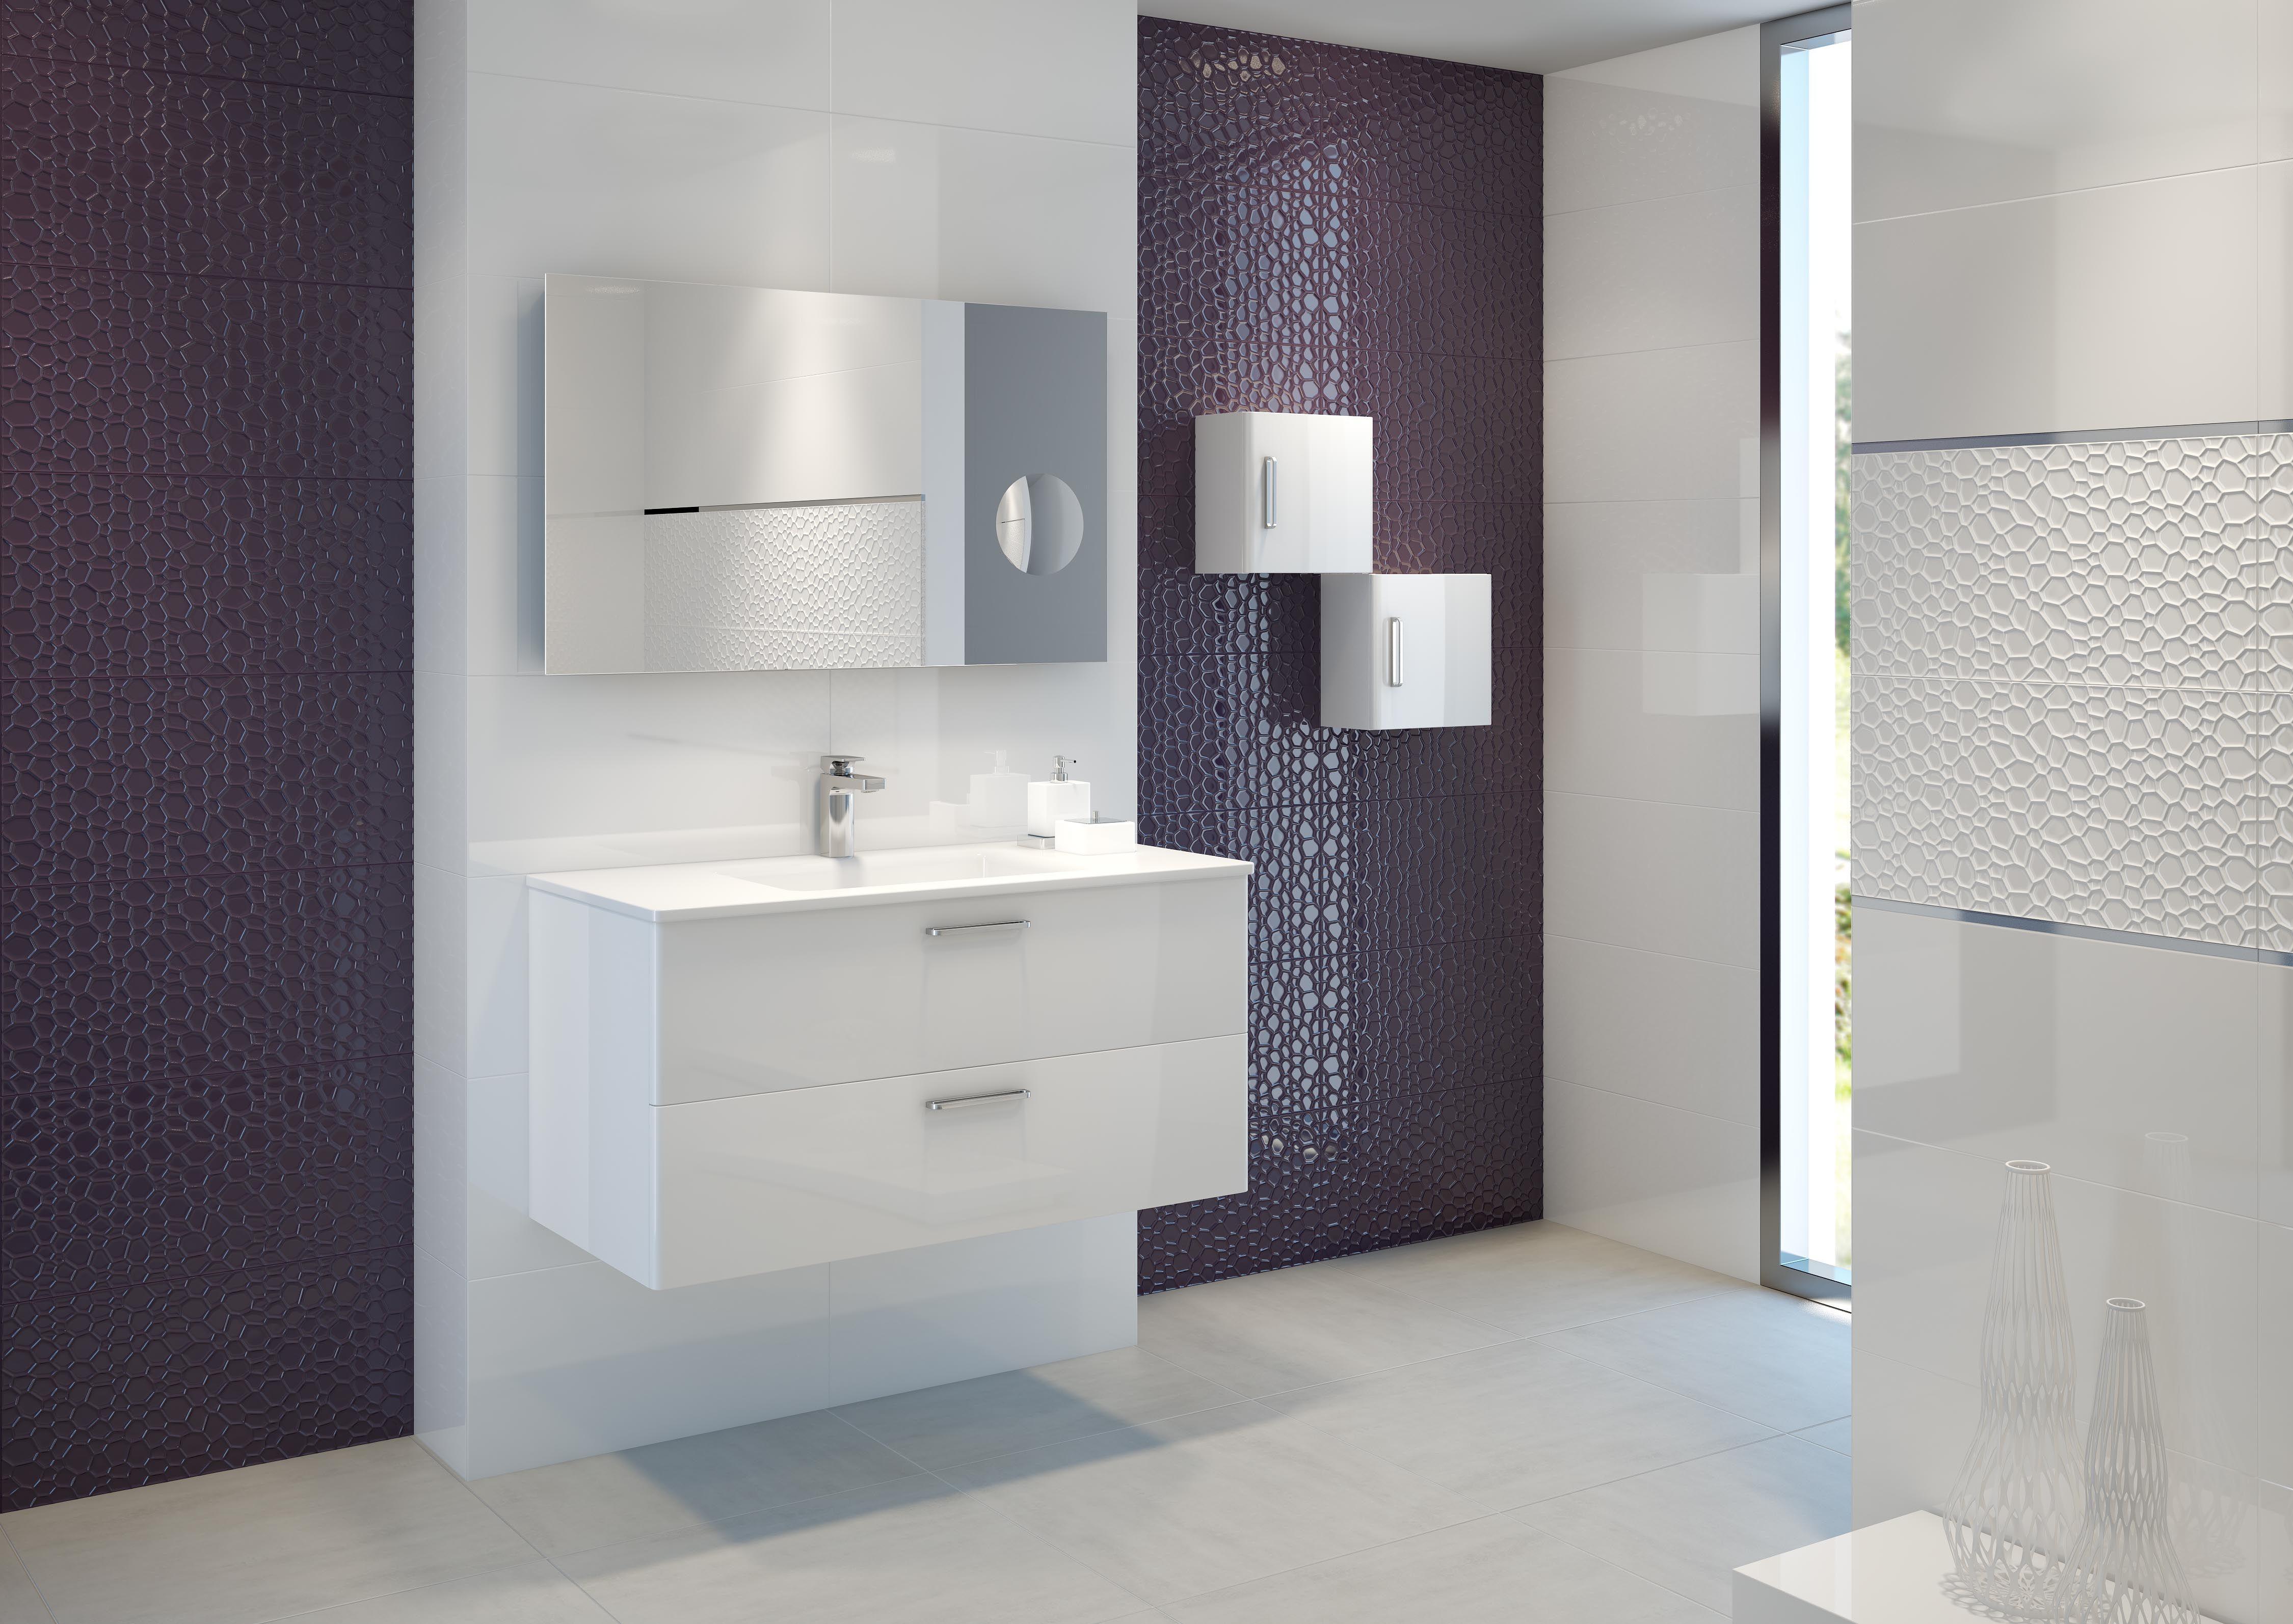 Faïence Mito X Pour Plus Dinformation Rendezvous Page De - Sanitaires salle bain luxembourg